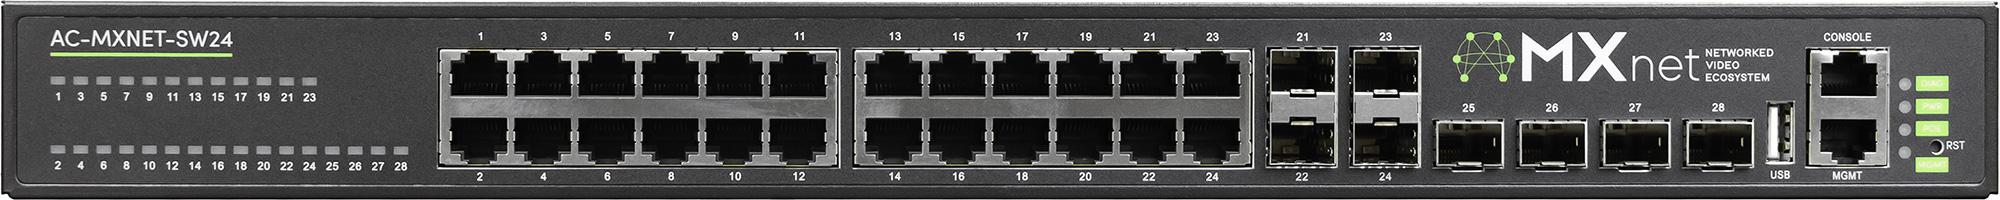 AVPro Edge AC-MXNET-SW24 Copper PoE Network Switch - 24 Ports APR-AC-MXNETSW24